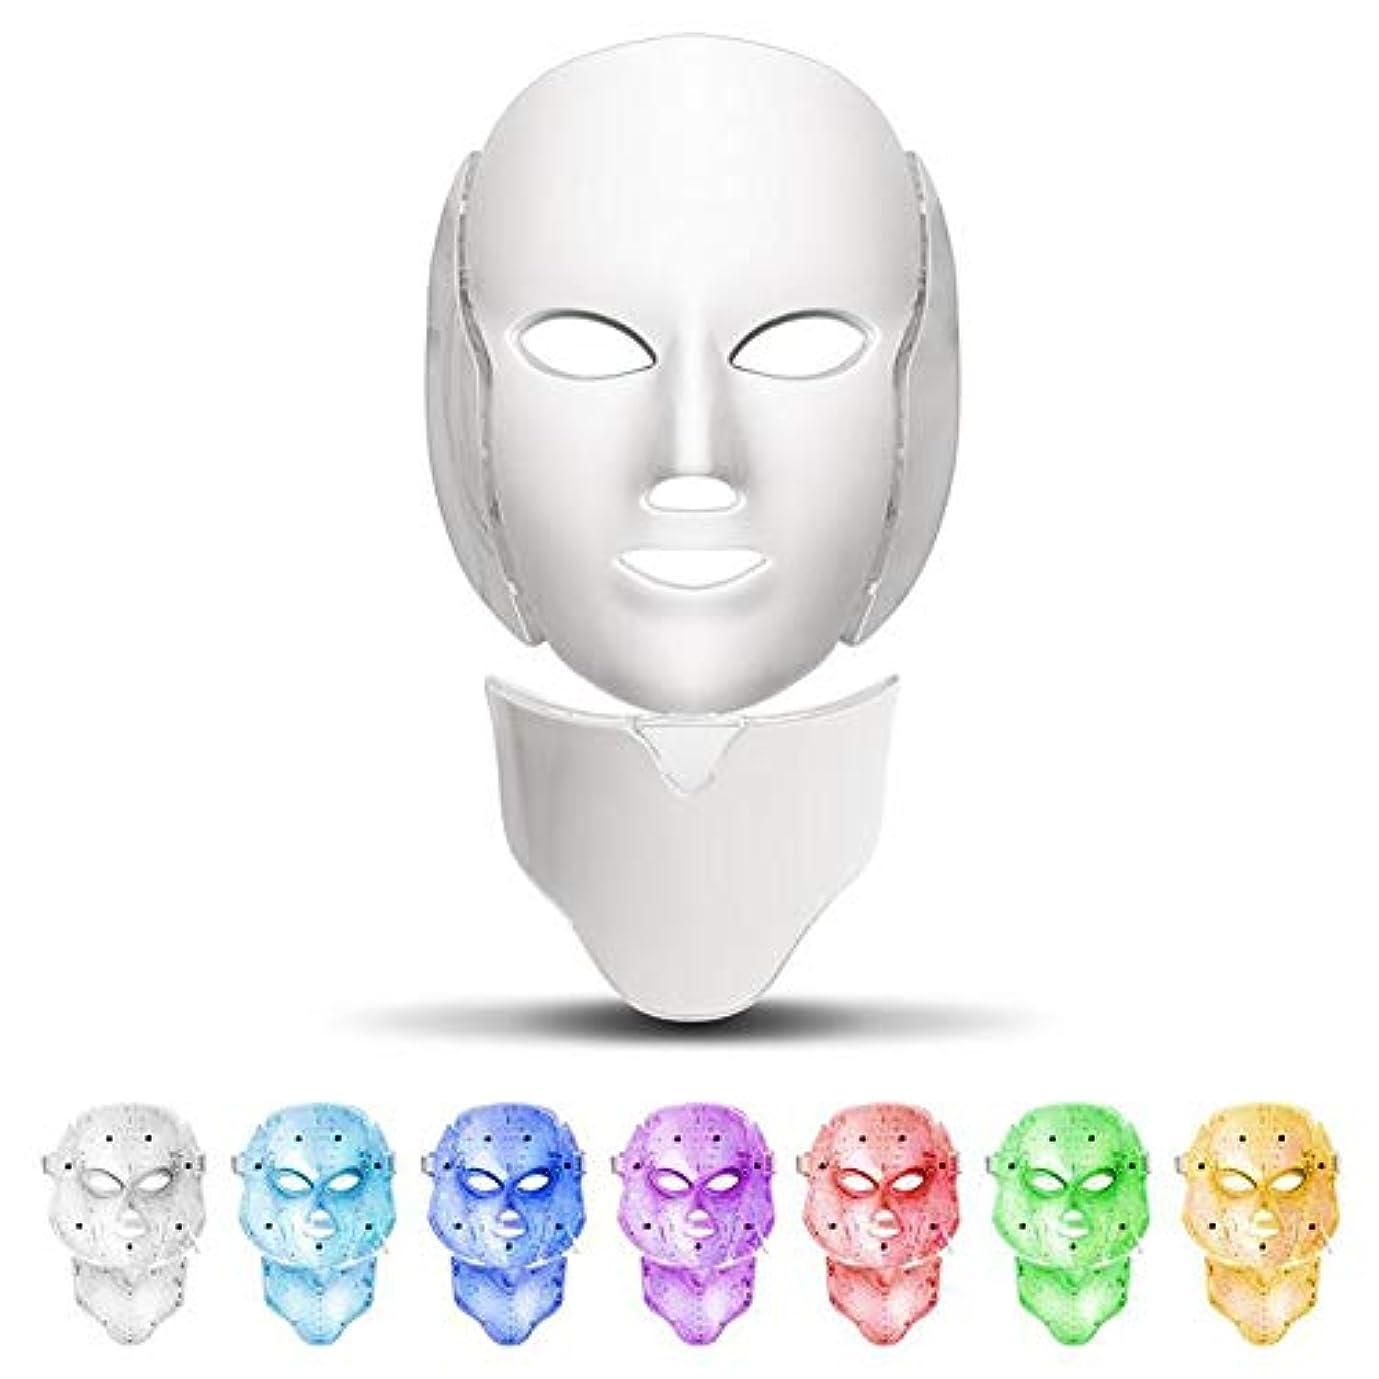 遅い手当ポータル7色フェイシャルマスク、顔と首ネオン輝くLEDフェイスマスク電気顔スキンケア顔肌美容